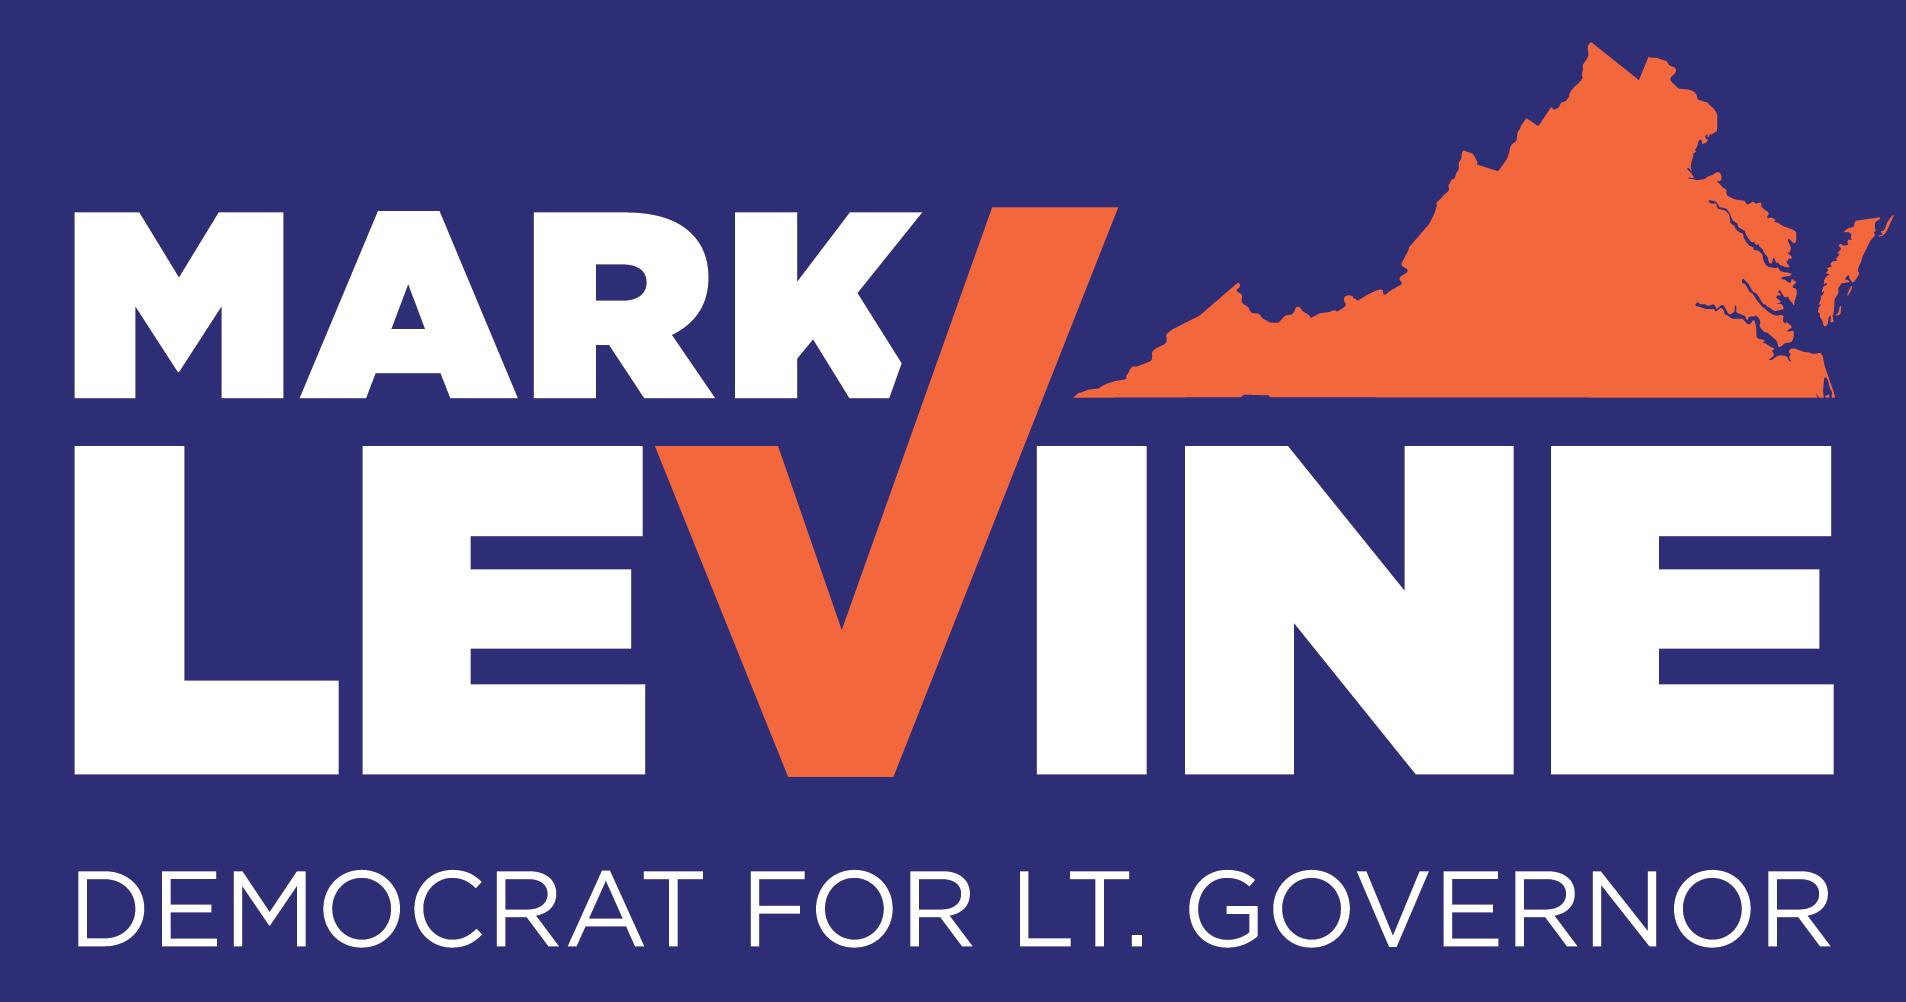 Mark Levine for Virginia